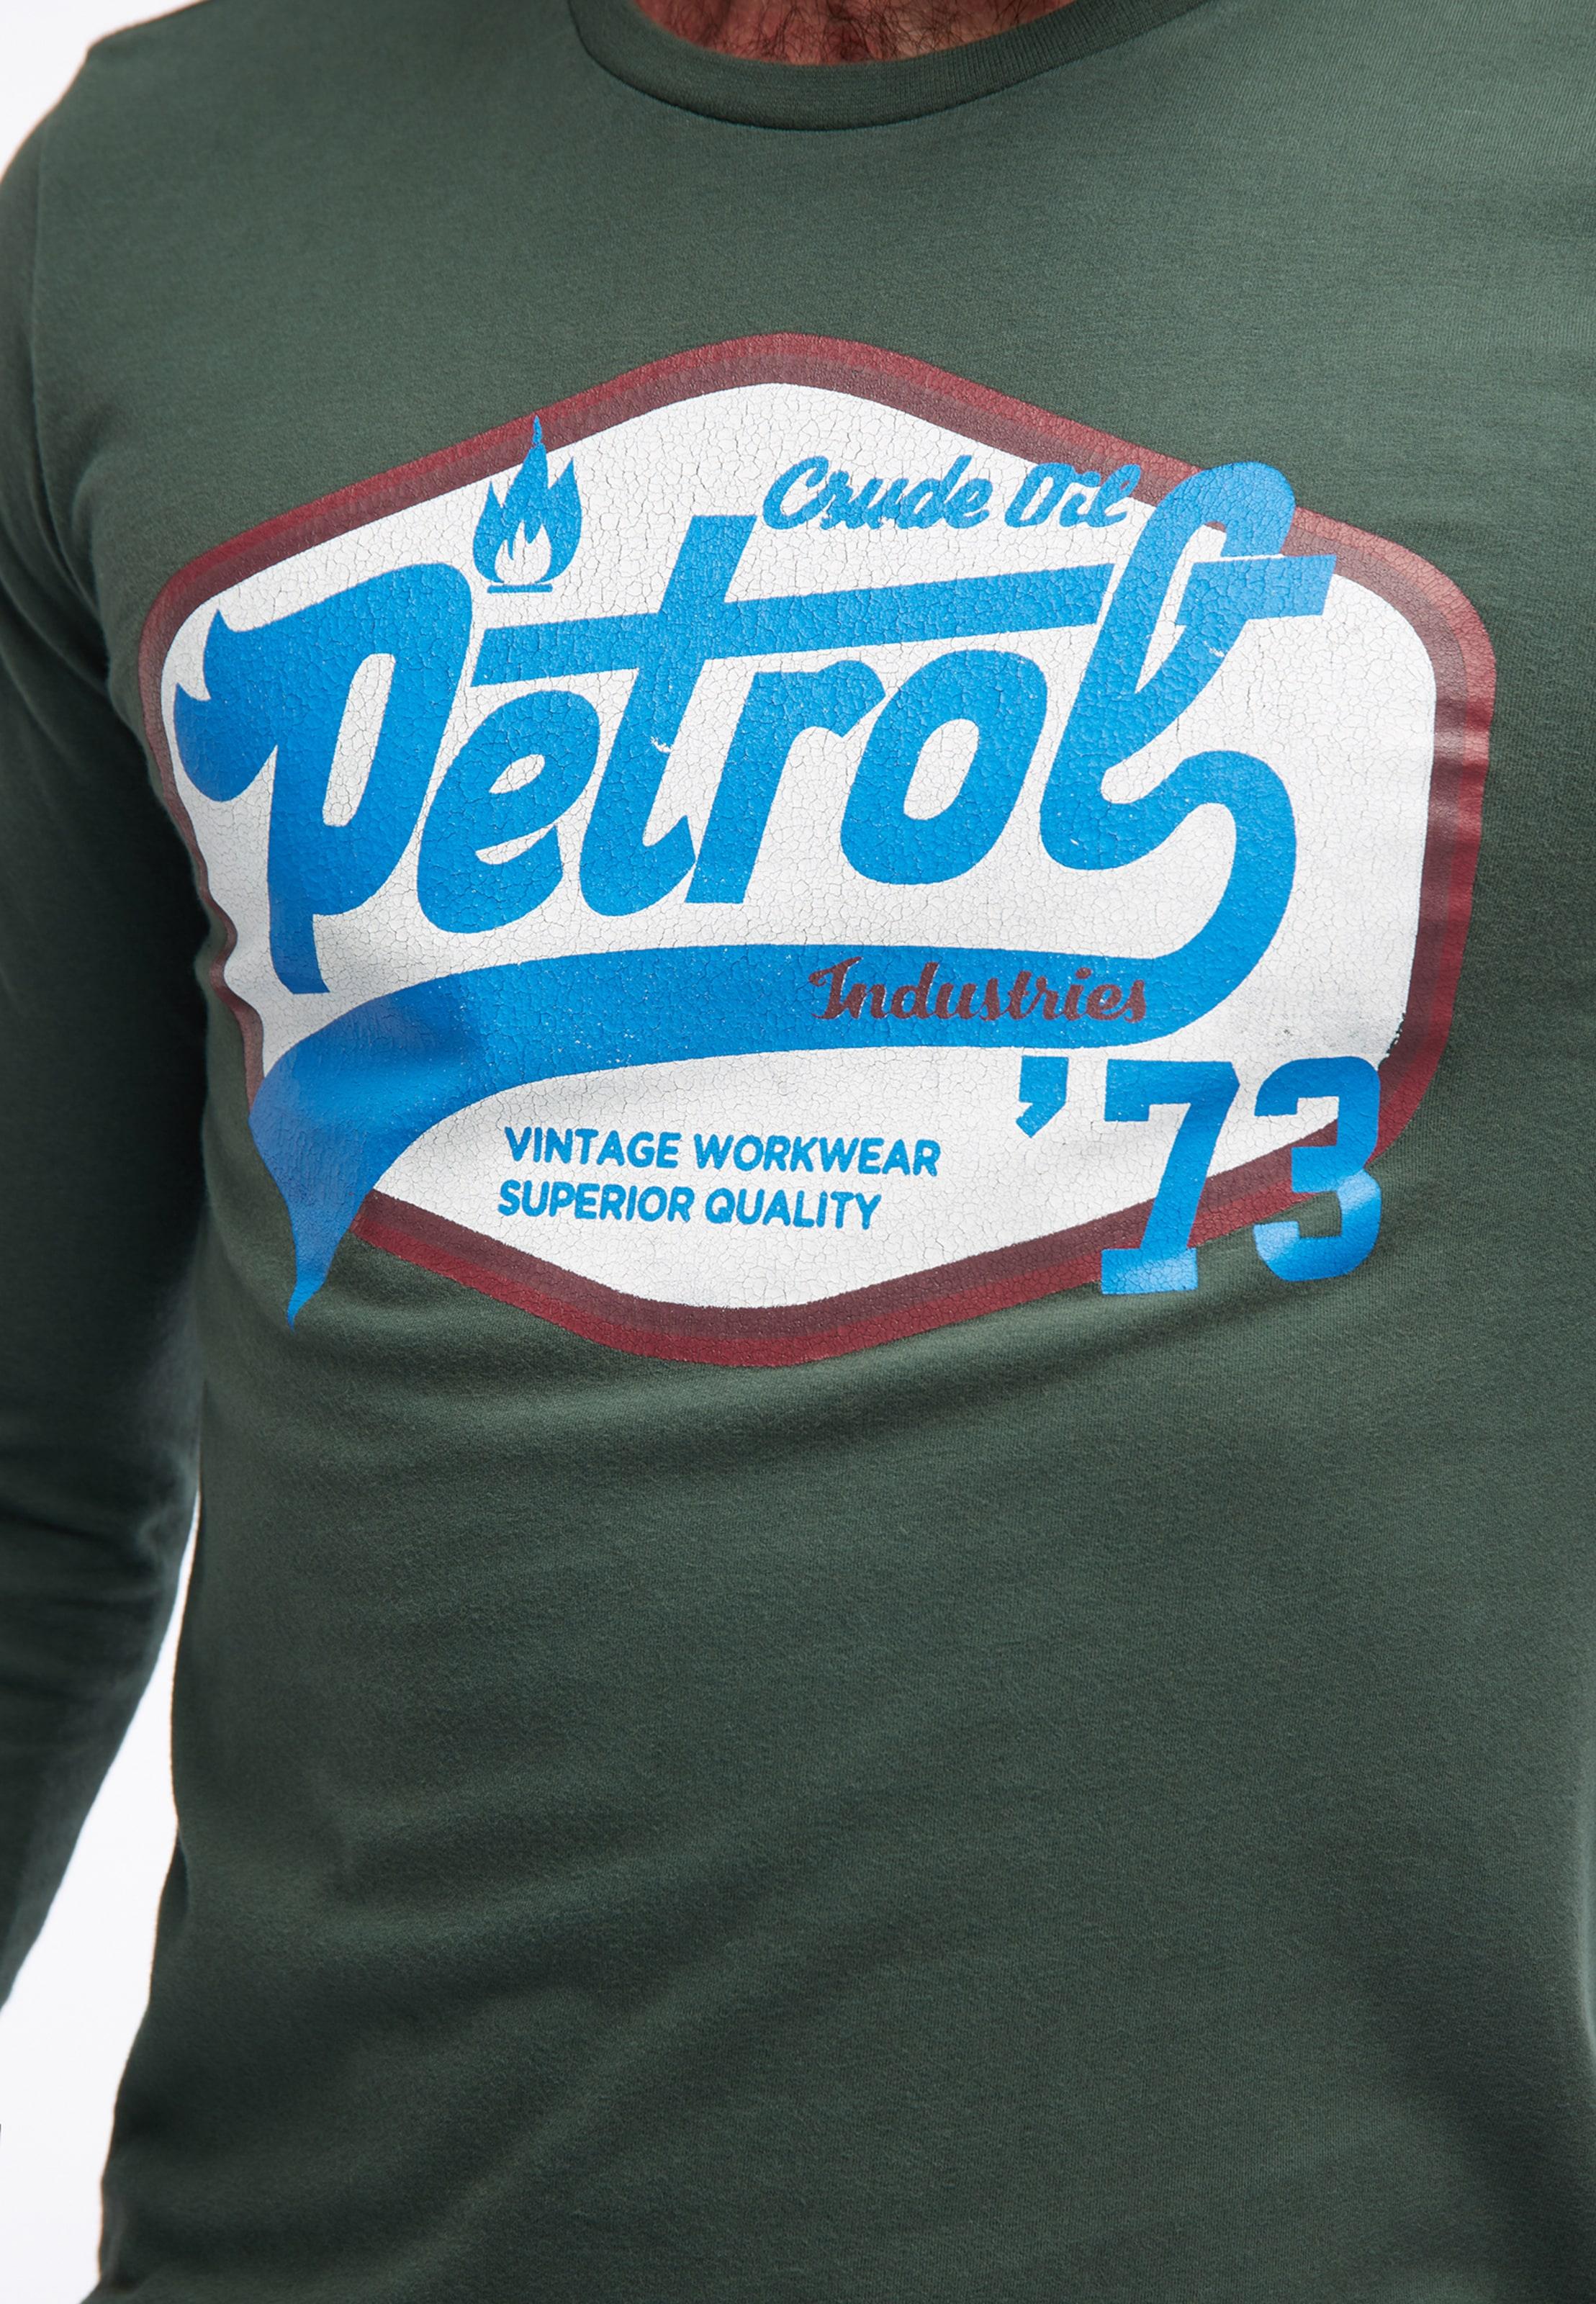 BleuMélange Couleurs De En shirt Petrol Industries T Yf6gby7v